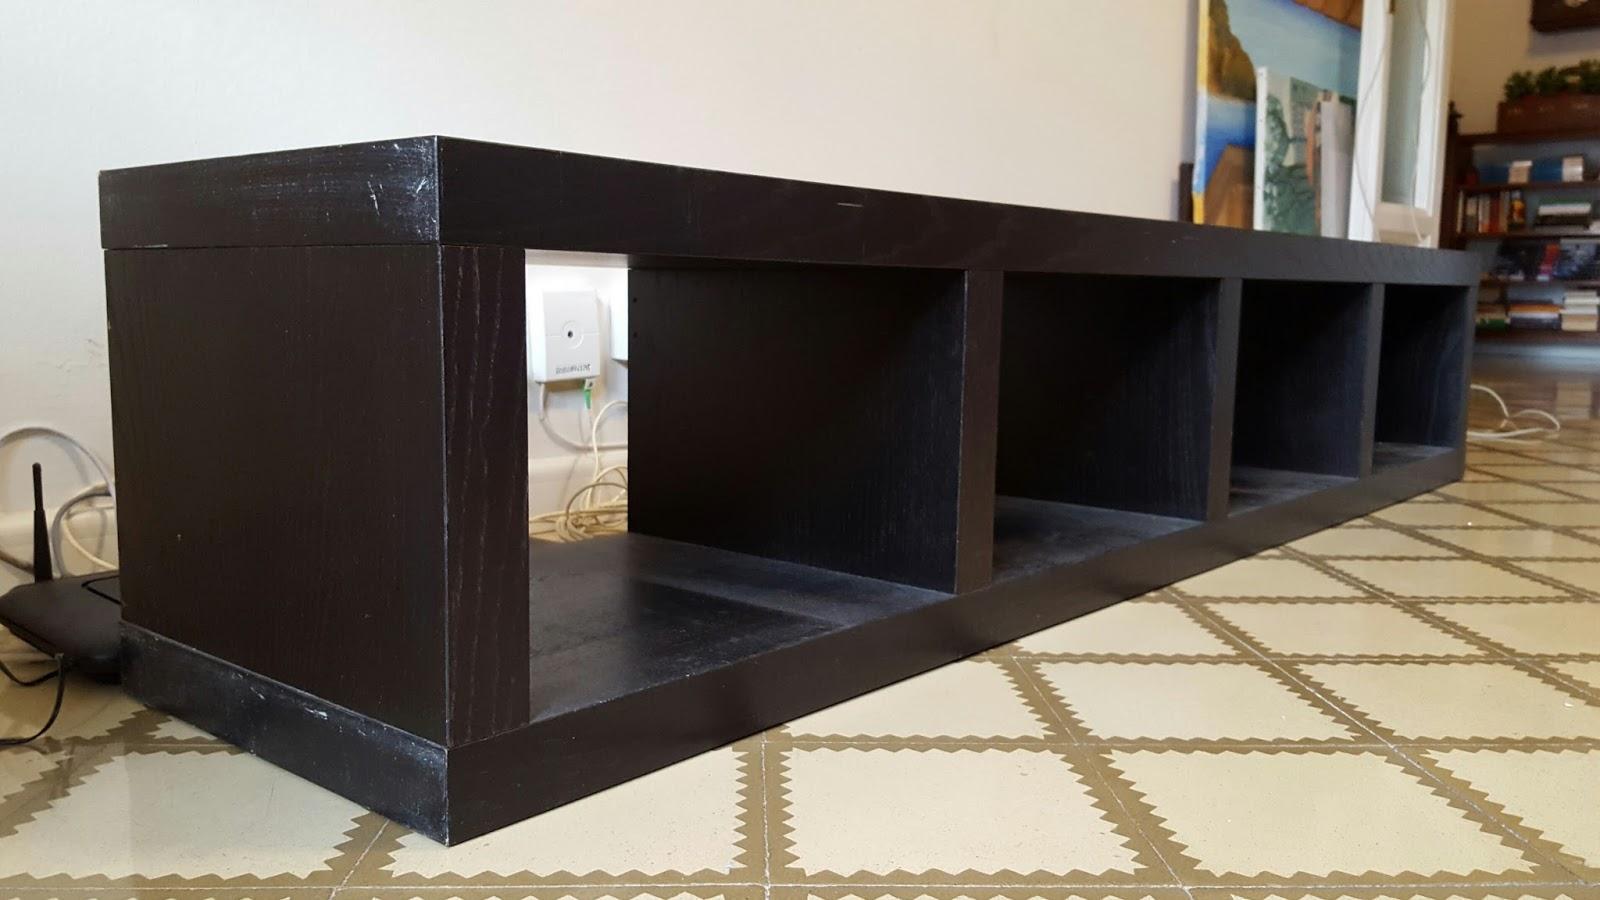 Candini muebles pintados nuevos y redecorados tuneando - Restauracion muebles barcelona ...